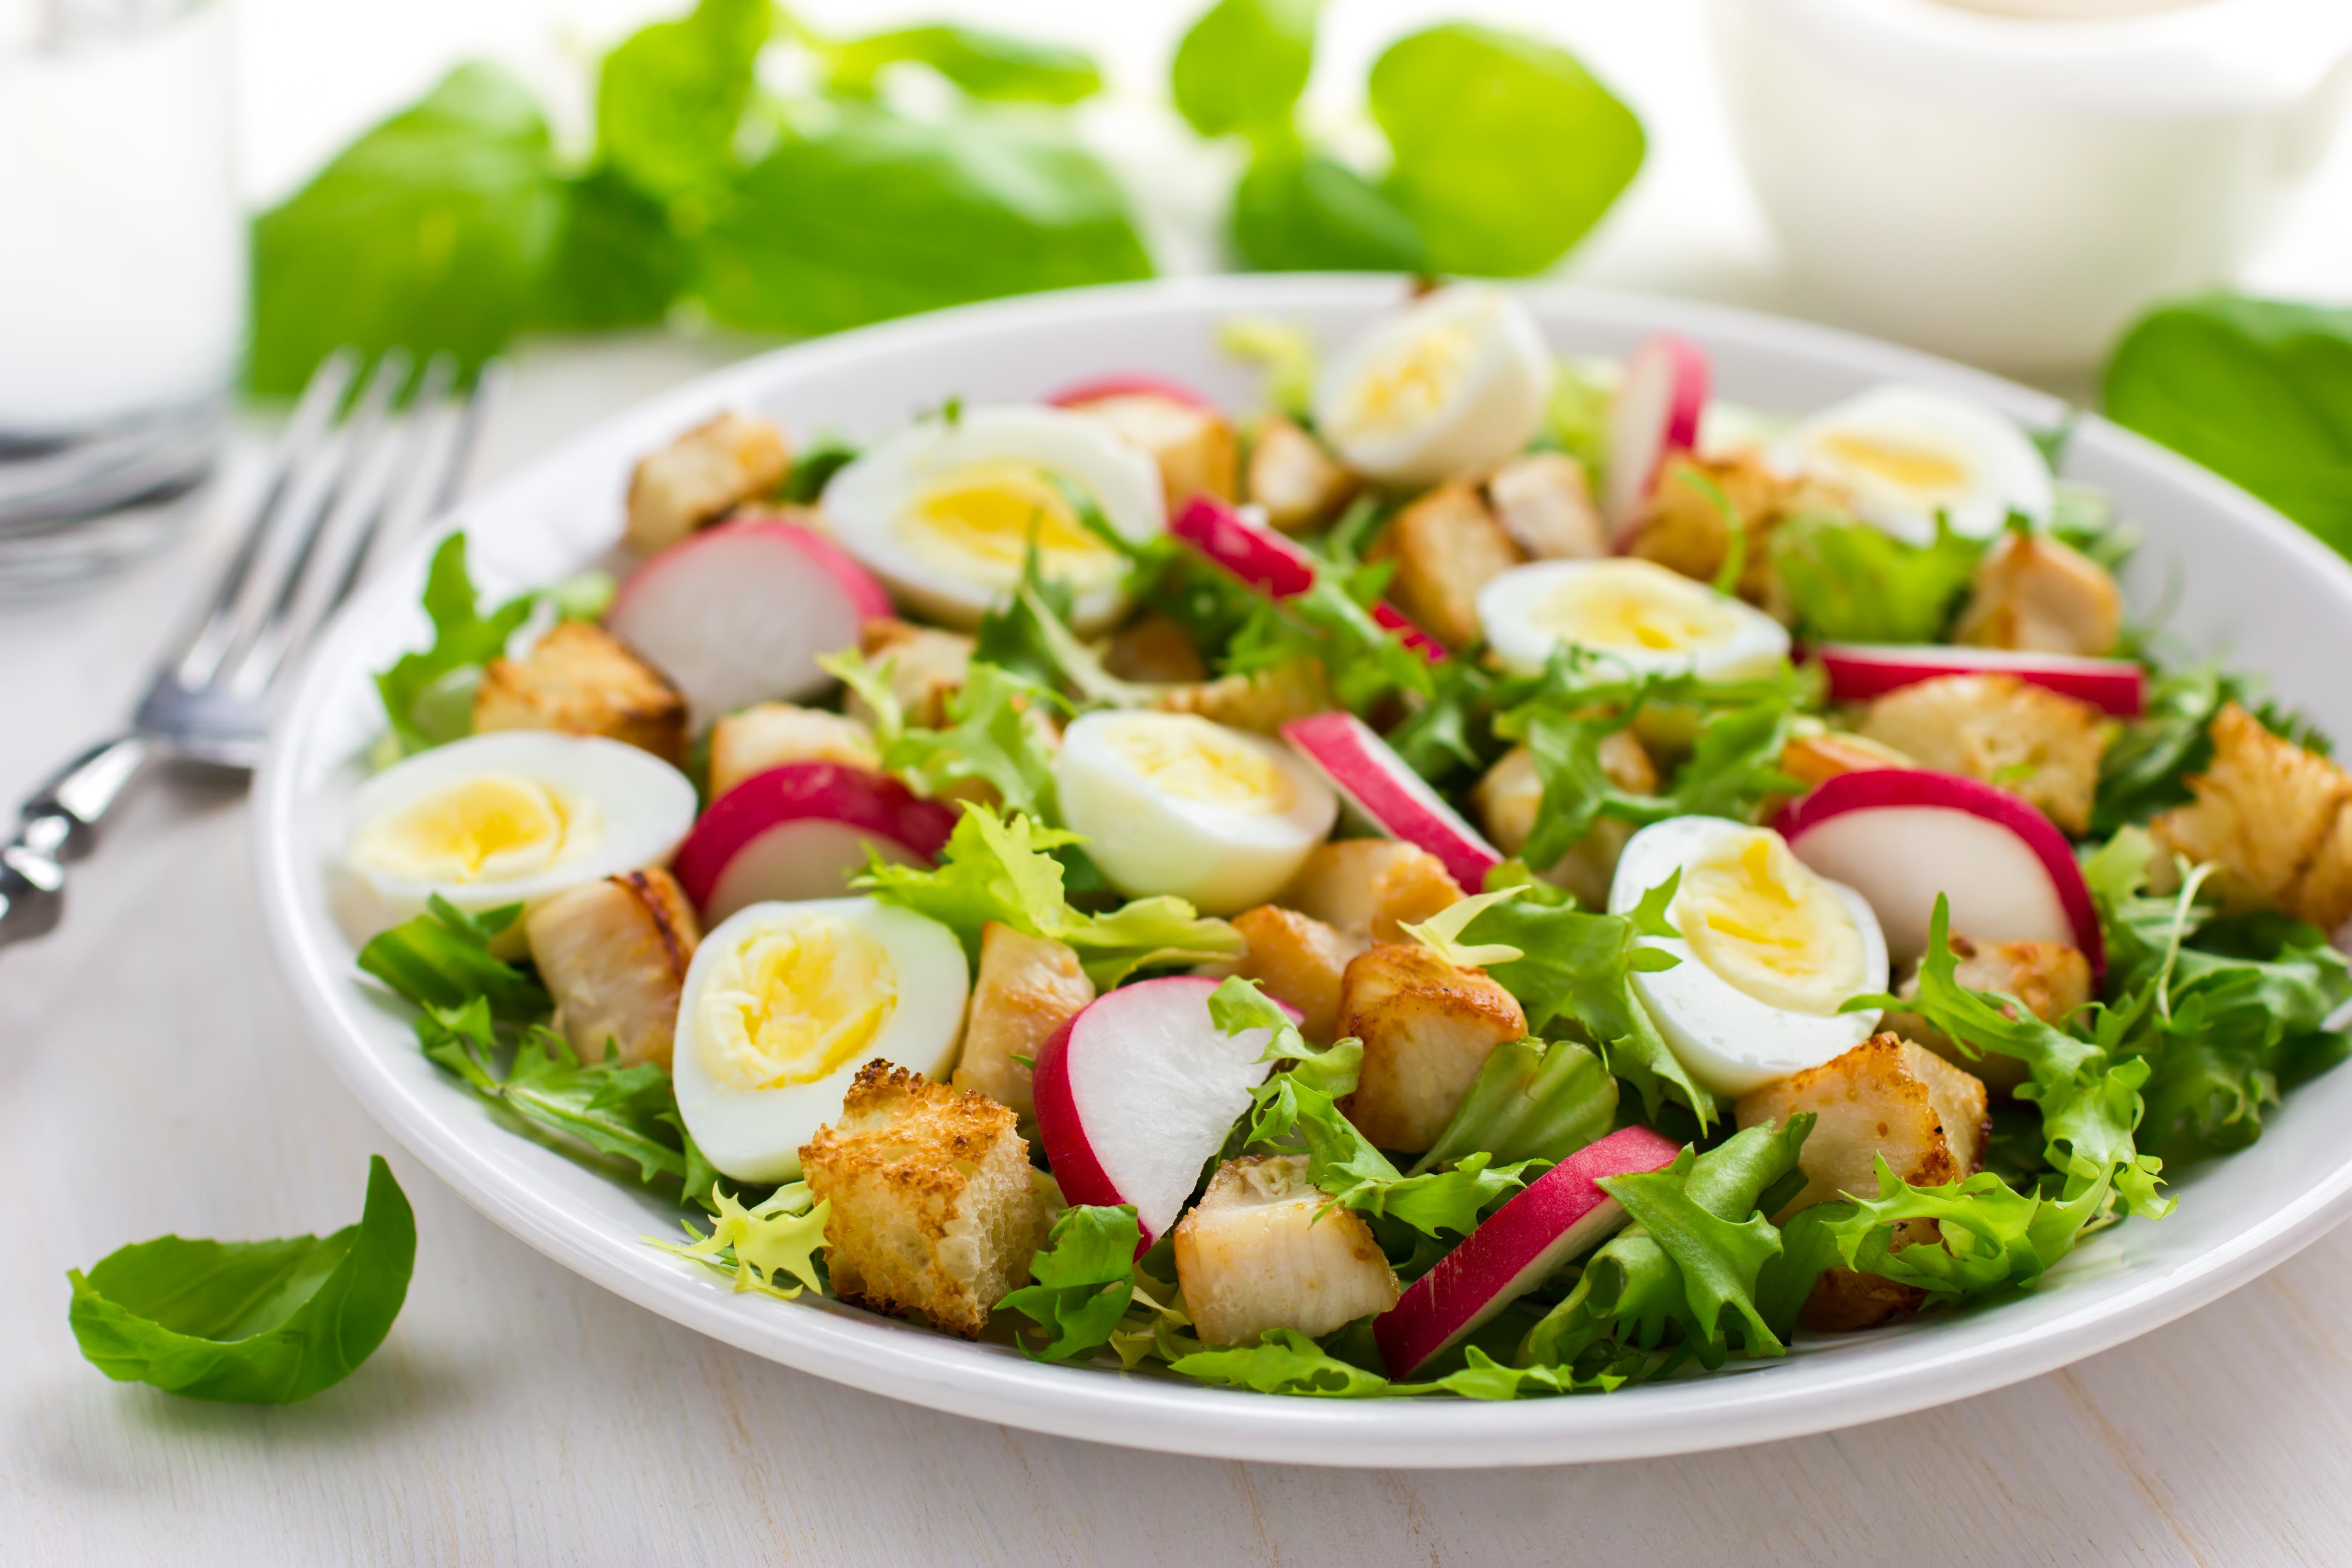 Салат с редисом, курицей и перепелиными яйцами